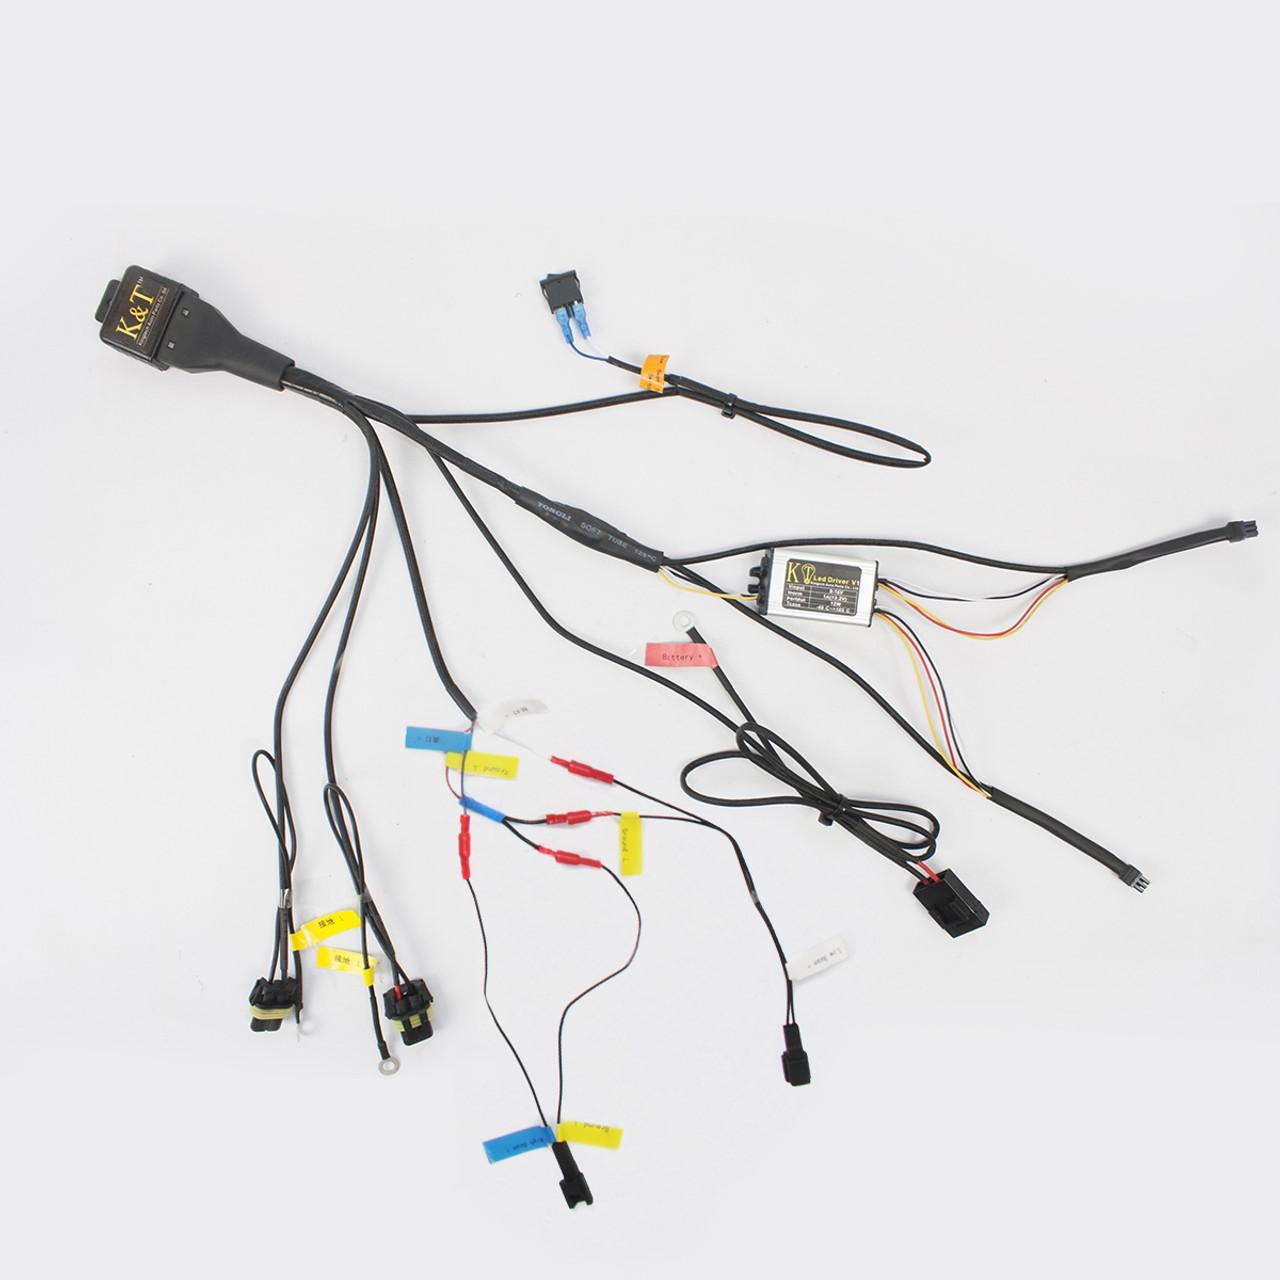 Kawasaki Ninja 650r Wiring Harness - Wiring Diagram Mega on scooter 250 wiring diagram, triumph america wiring diagram, harley wiring diagram, motorcycle wiring diagram, bmw wiring diagram, ducati 1098 wiring diagram, nissan leaf wiring diagram, triumph thruxton wiring diagram, ktm wiring diagram, ninja motorcycle diagram, yamaha wiring diagram, aprilia wiring diagram, chopper wiring diagram, ninja 250r wiring diagram, suzuki 250 wiring diagram, ducati 250 wiring diagram, honda 250 wiring diagram, benelli 250 wiring diagram, polaris sportsman 250 wiring diagram, starter solenoid wiring diagram,